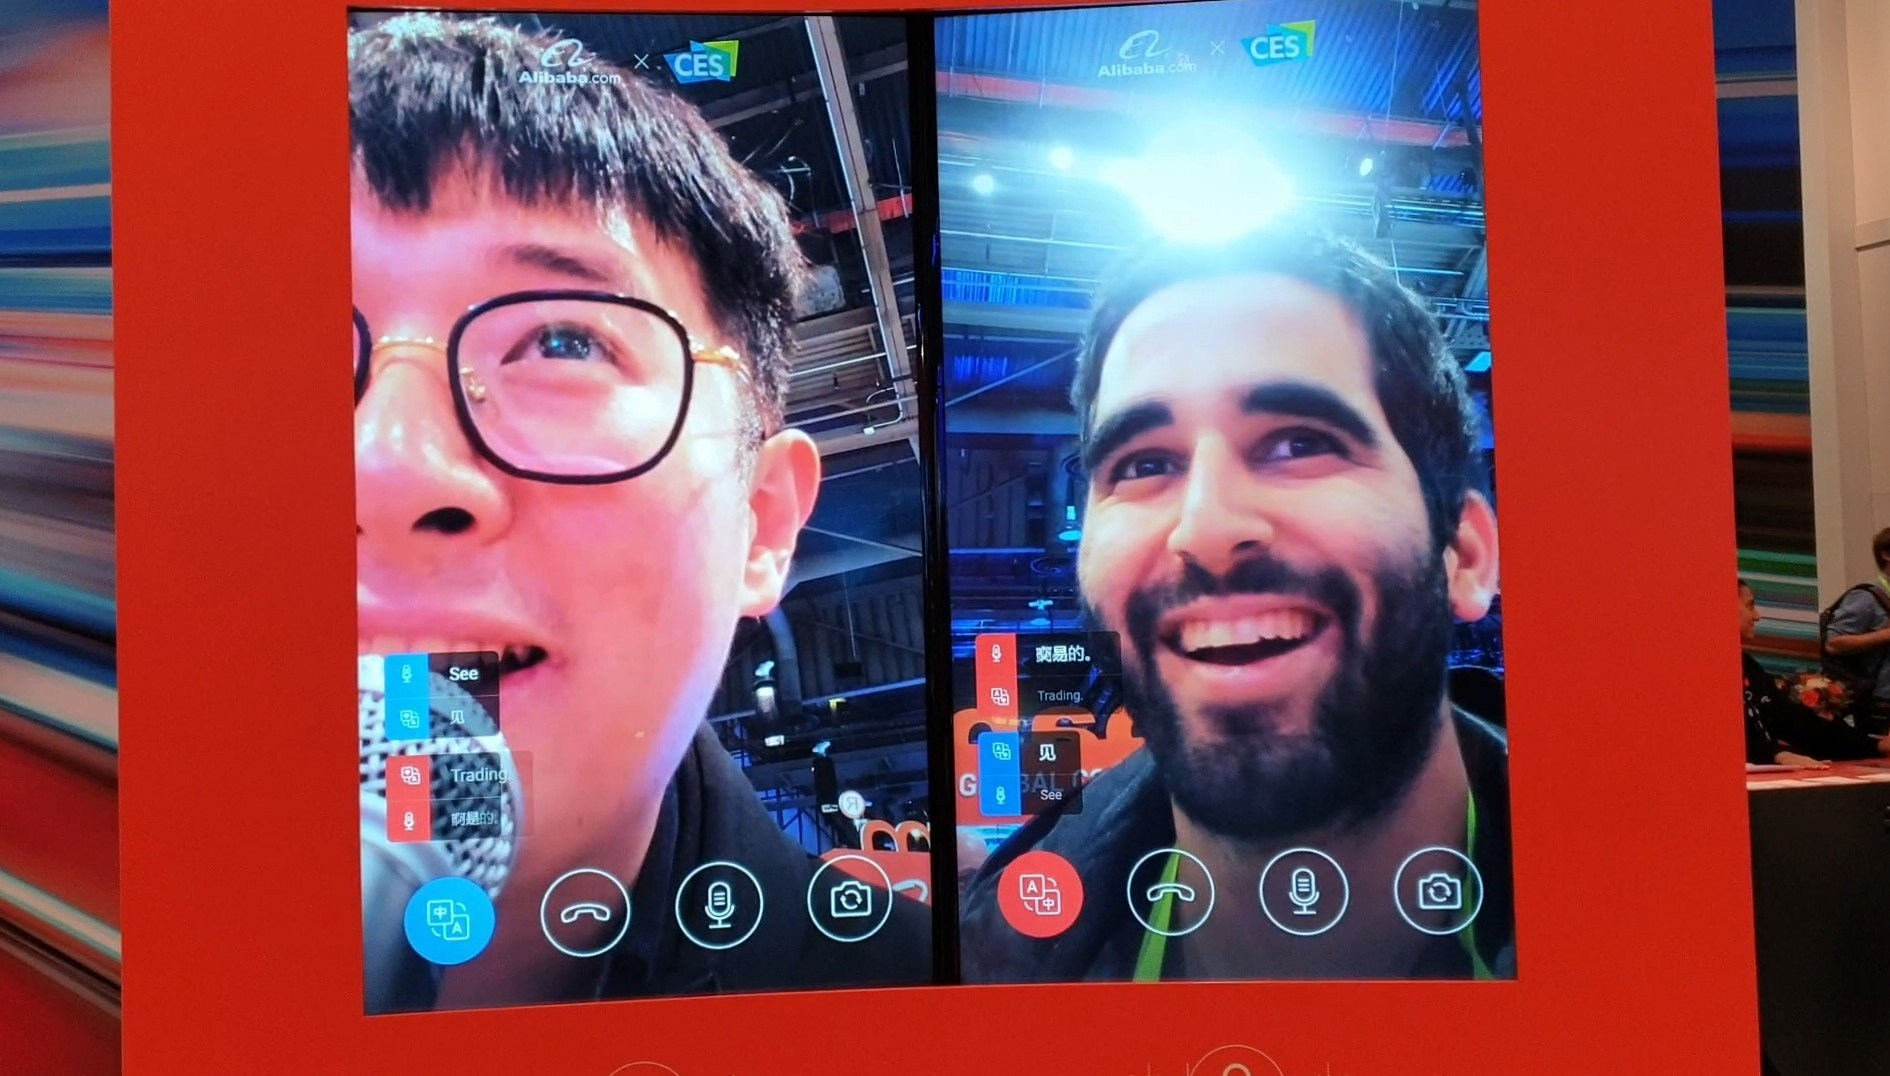 Cette application d'appels vidéo propose une traduction instantanée en sous-titres